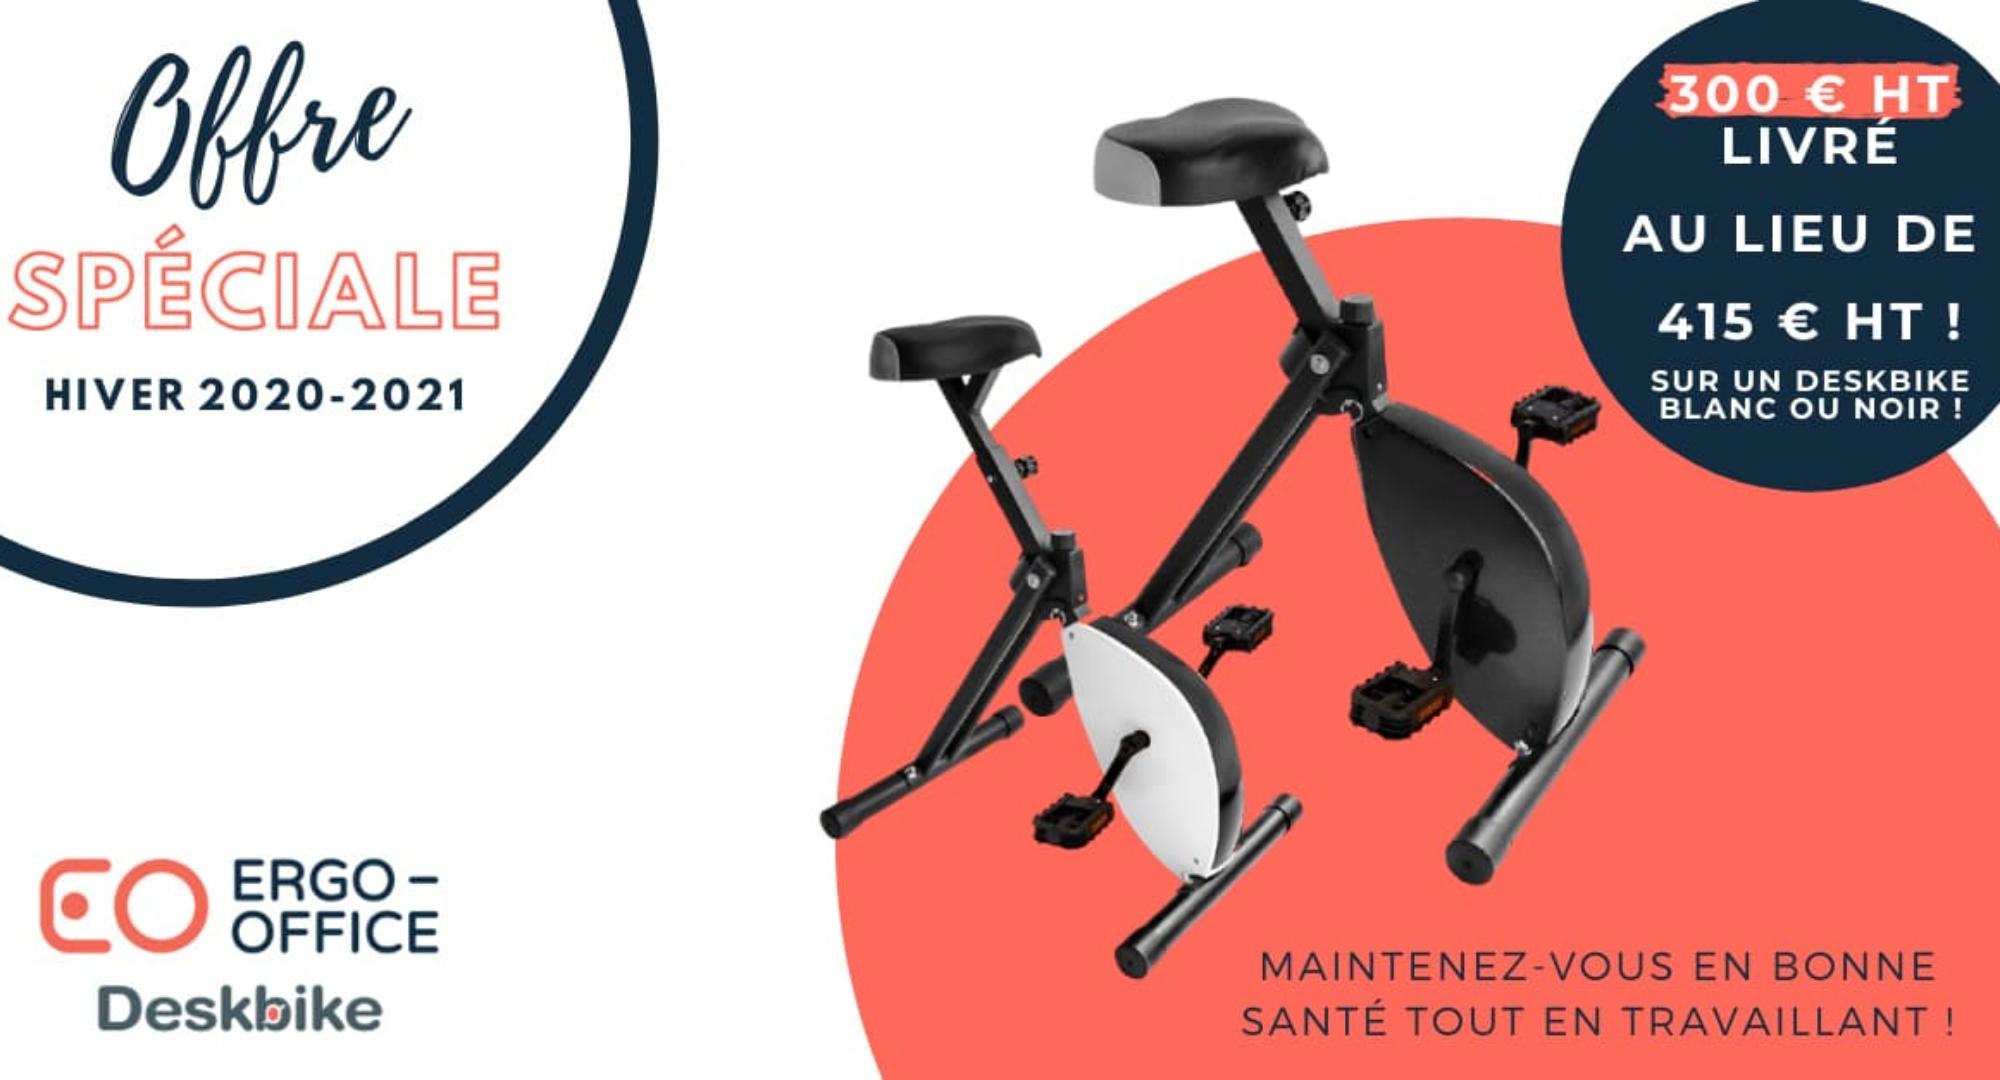 visuel-deskbike-offre-speciale-hiver-2020-2021-v2